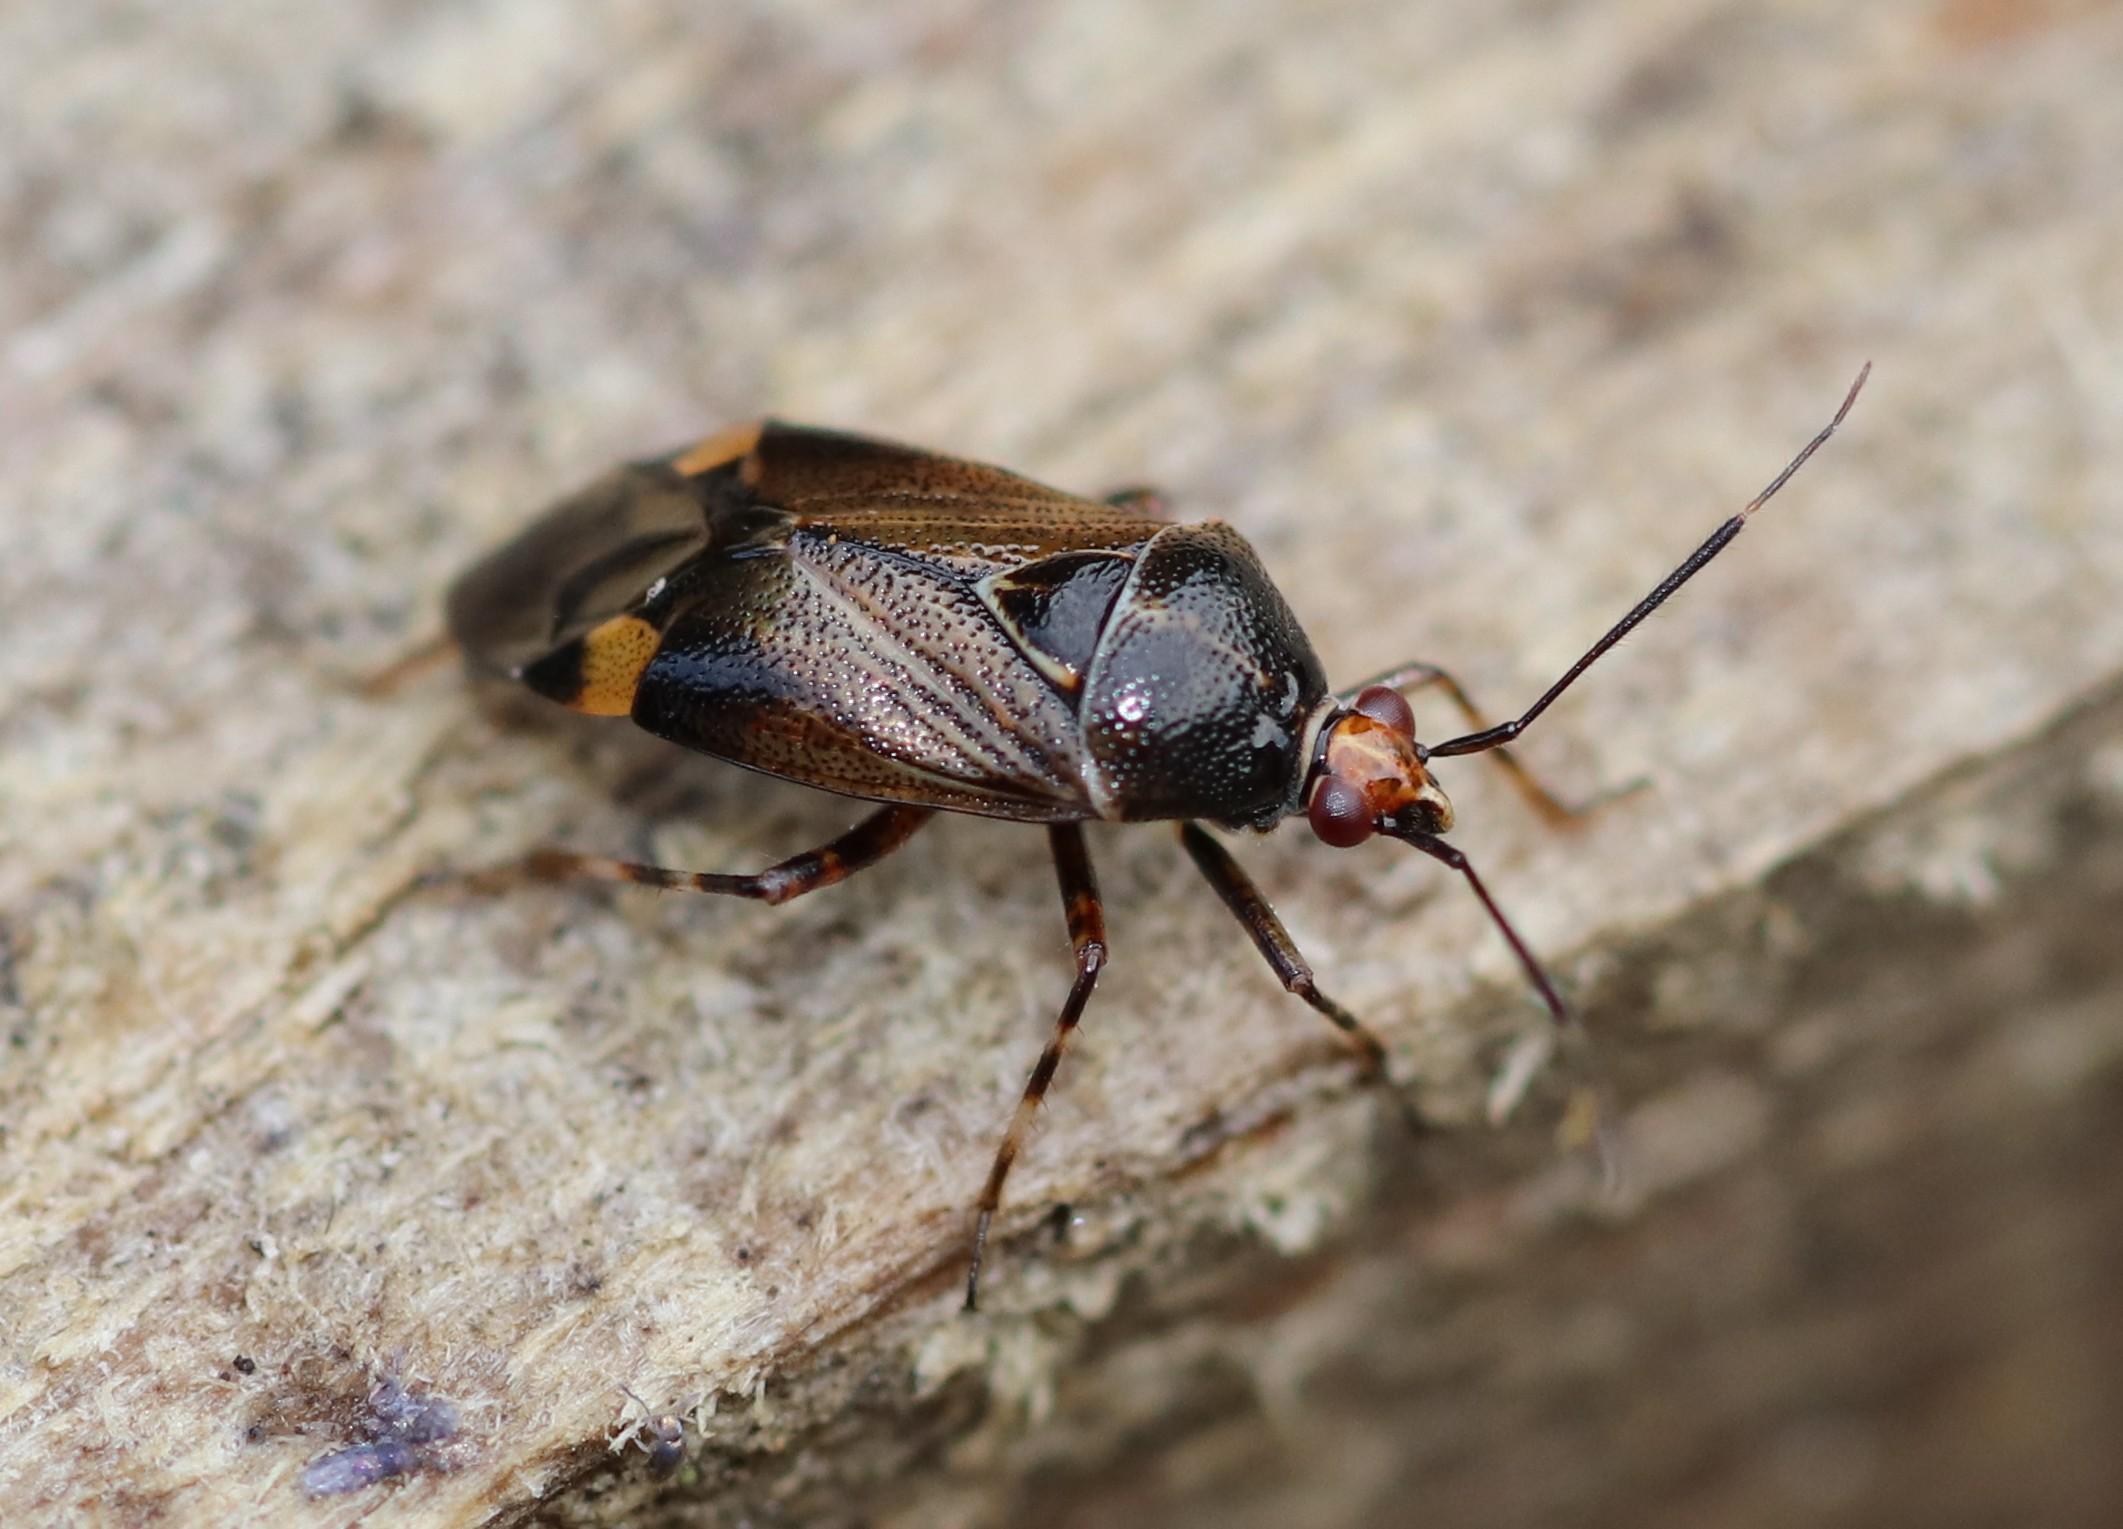 [Deraeocoris flavilinea] Deraeocoris ruber  Deraeo10